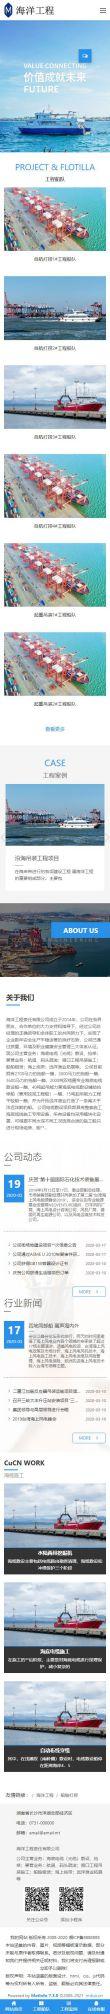 船舶打捞工程公司网站模板,船舶打捞工程公司网页模板,船舶打捞工程公司响应式网站模板